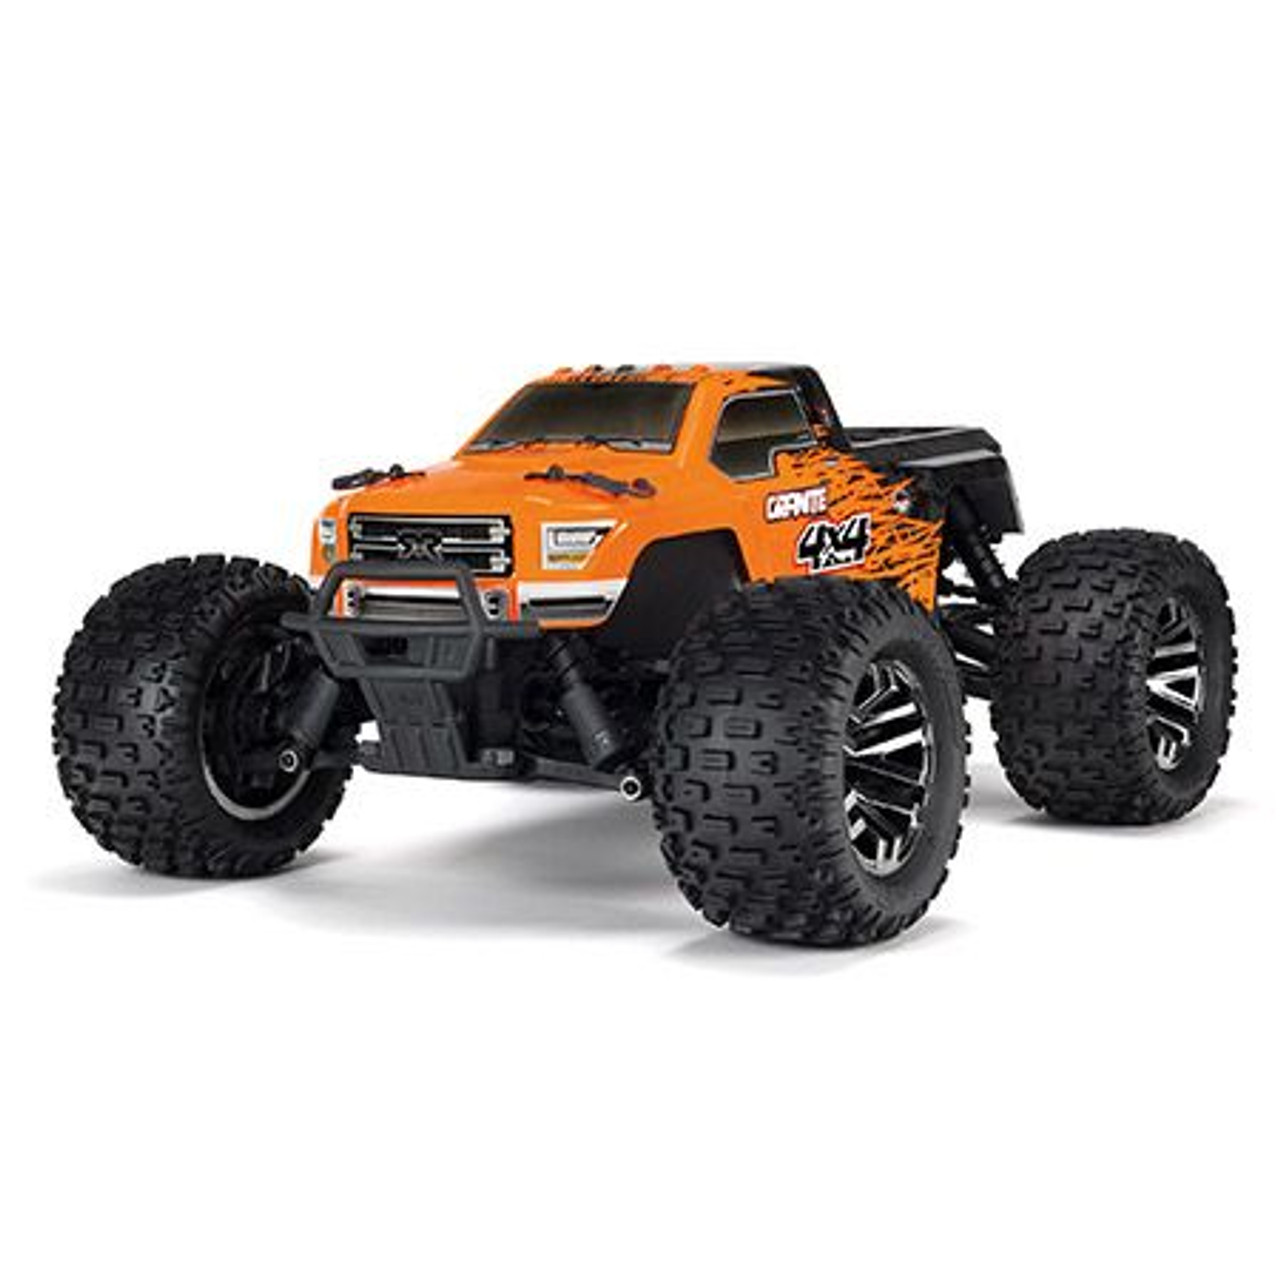 Arrma Granite 3s BLX 4x4 Monster Truck RTR